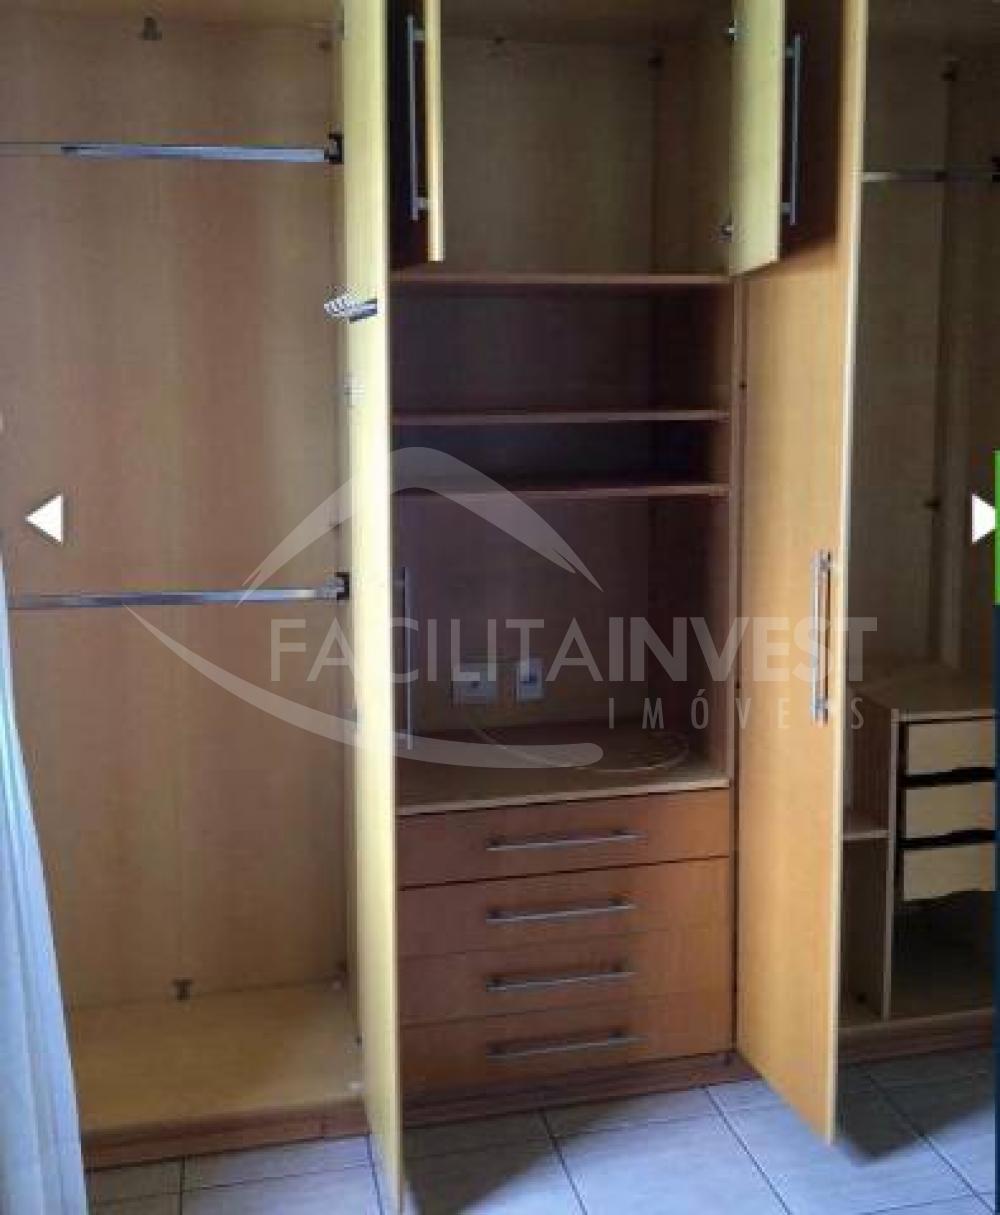 Alugar Apartamentos / Apart. Padrão em Ribeirão Preto R$ 2.200,00 - Foto 7